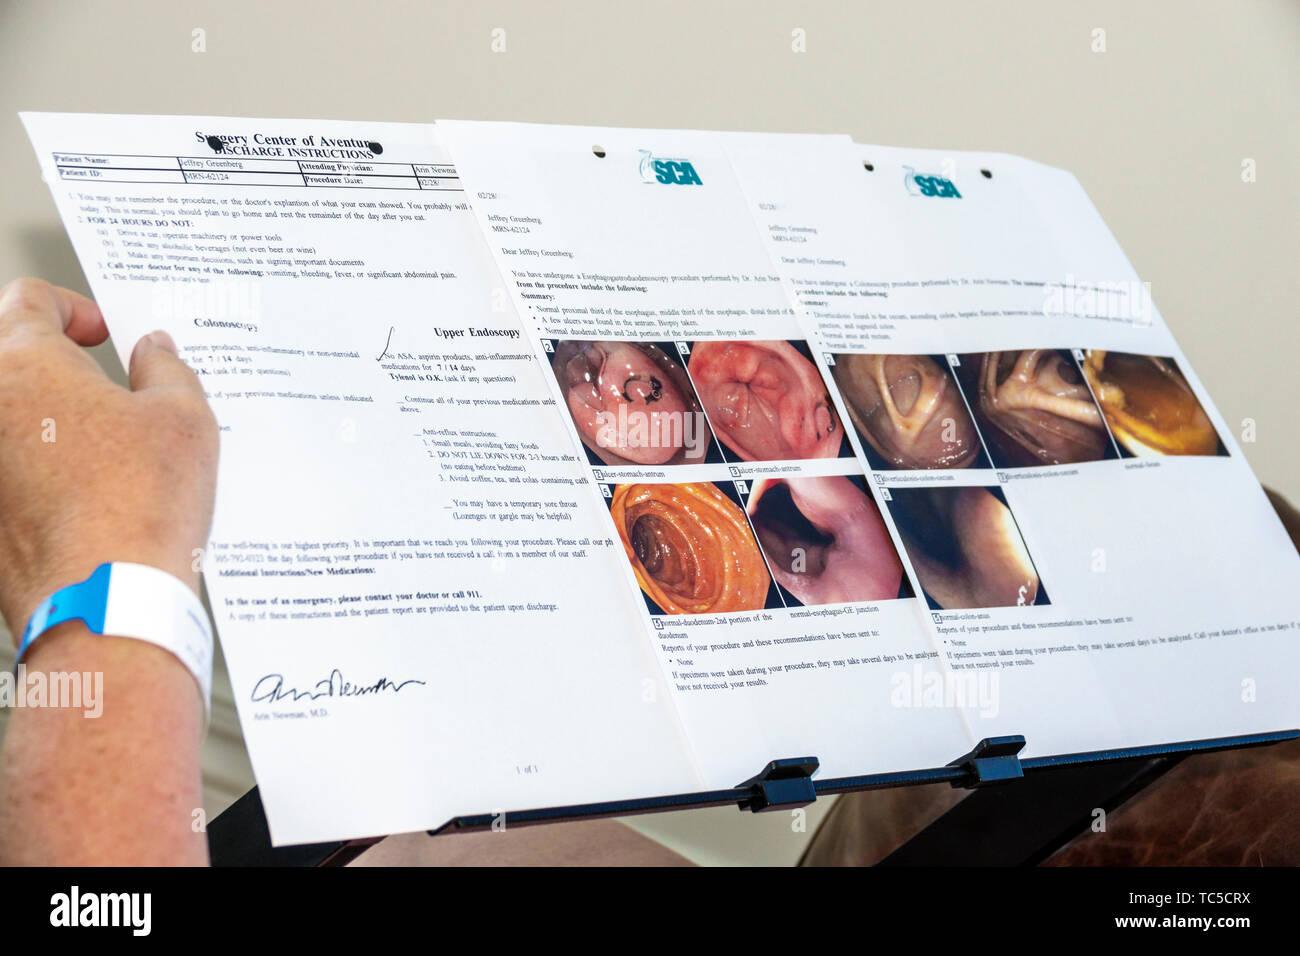 Miami Beach, Florida Patienten Ärztlicher Bericht Ergebnisse colonoscopy obere Endoskopie Darm Verdauungstrakt fotos Speiseröhre Anweisung Entlastung Stockbild